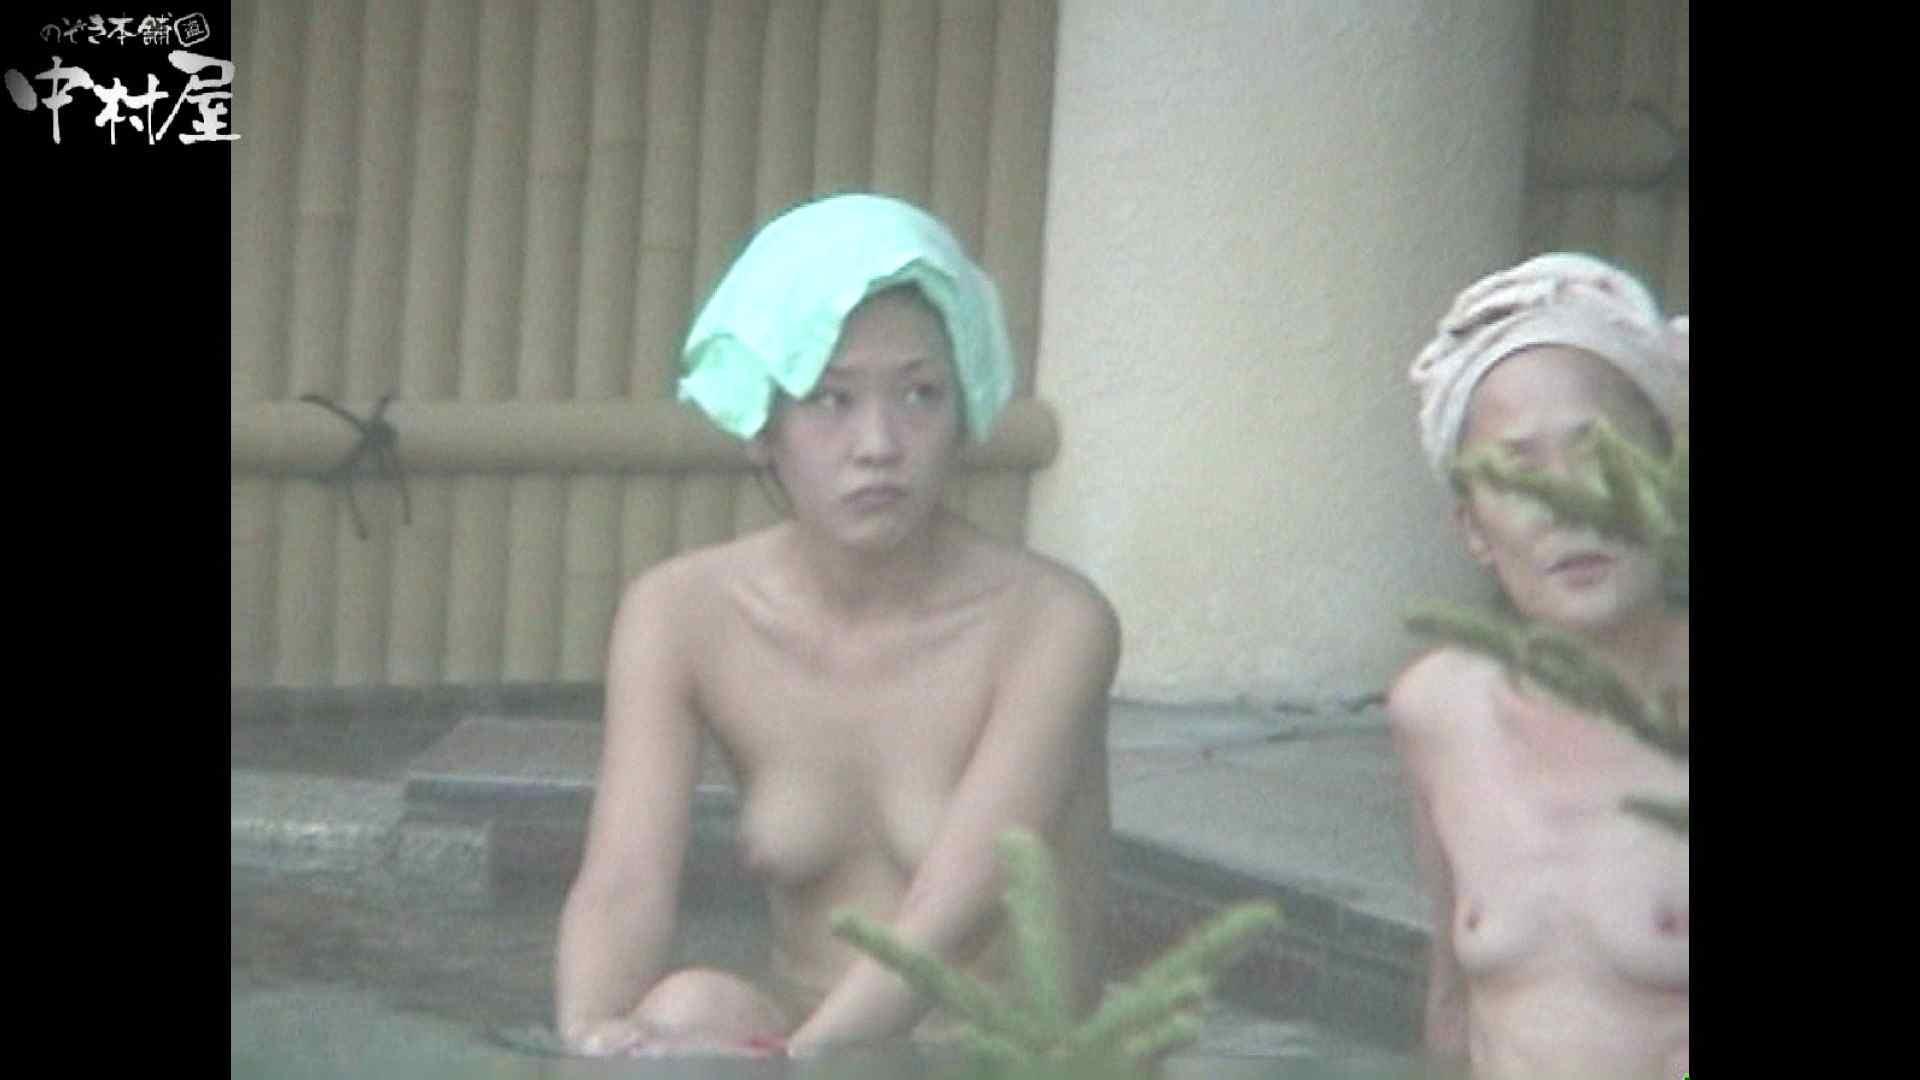 Aquaな露天風呂Vol.931 OL女体 隠し撮りオマンコ動画紹介 92連発 71